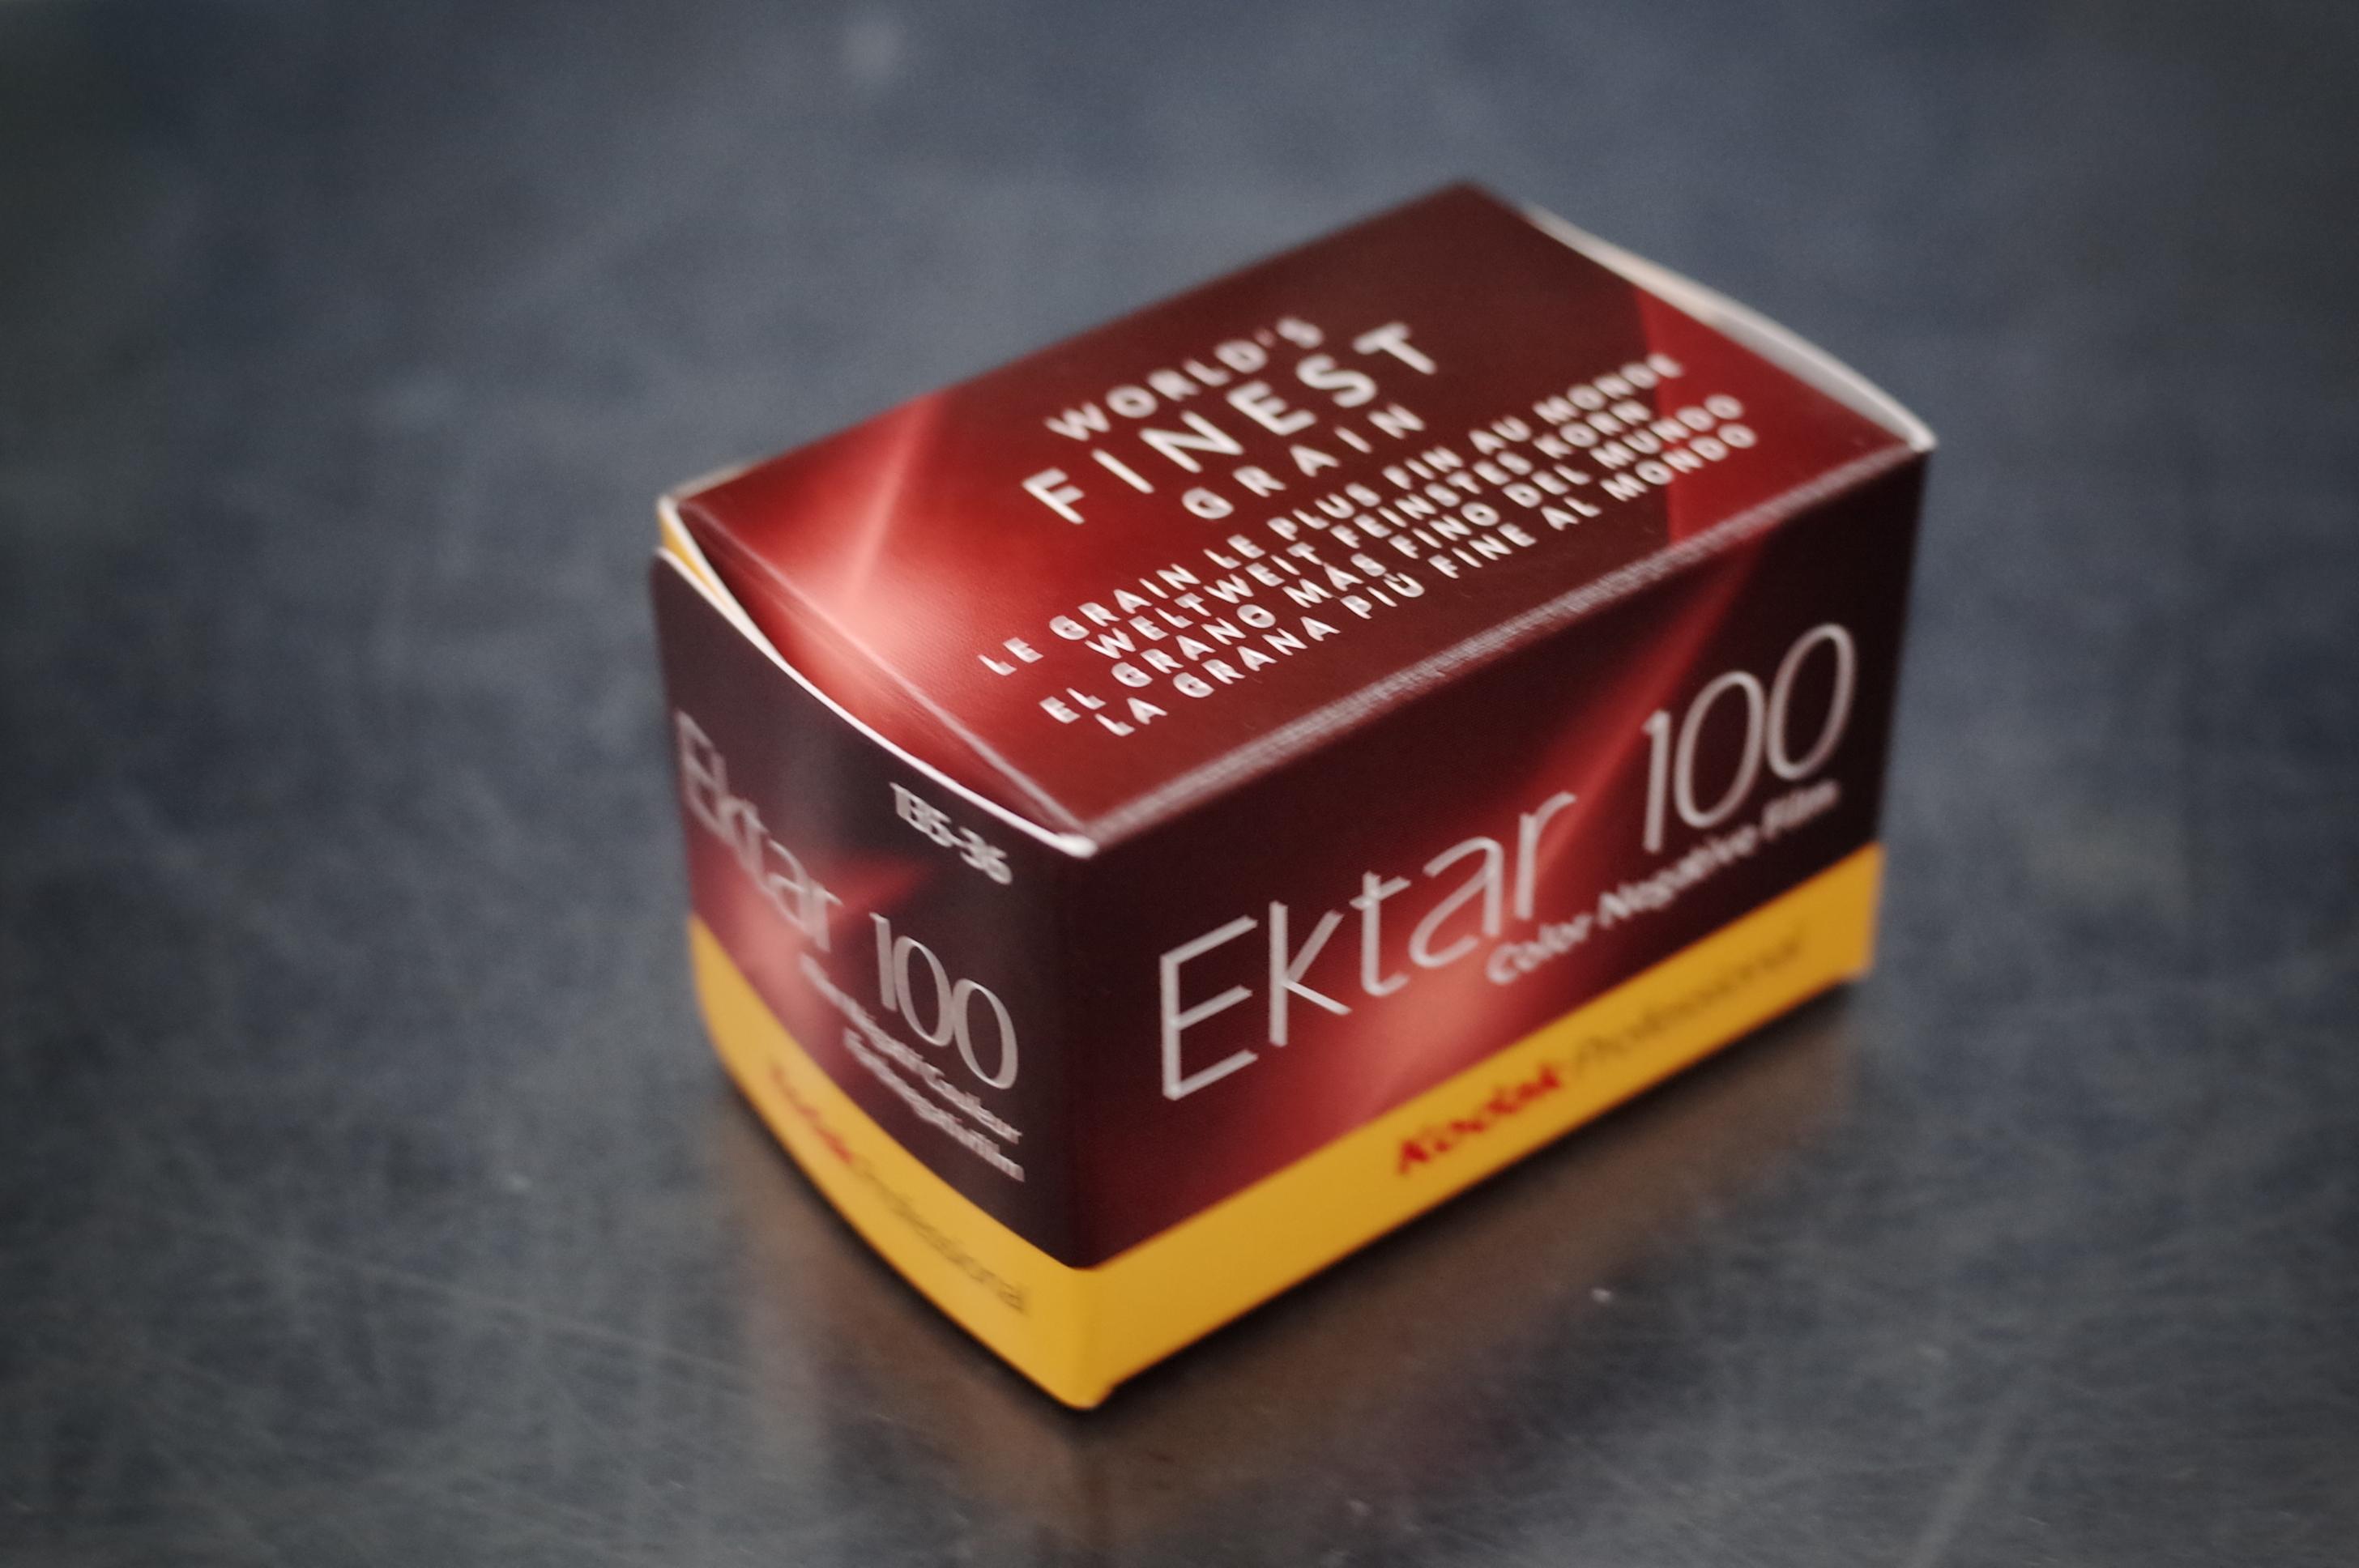 一本だけ買った。お守りみたいに。Ektar100